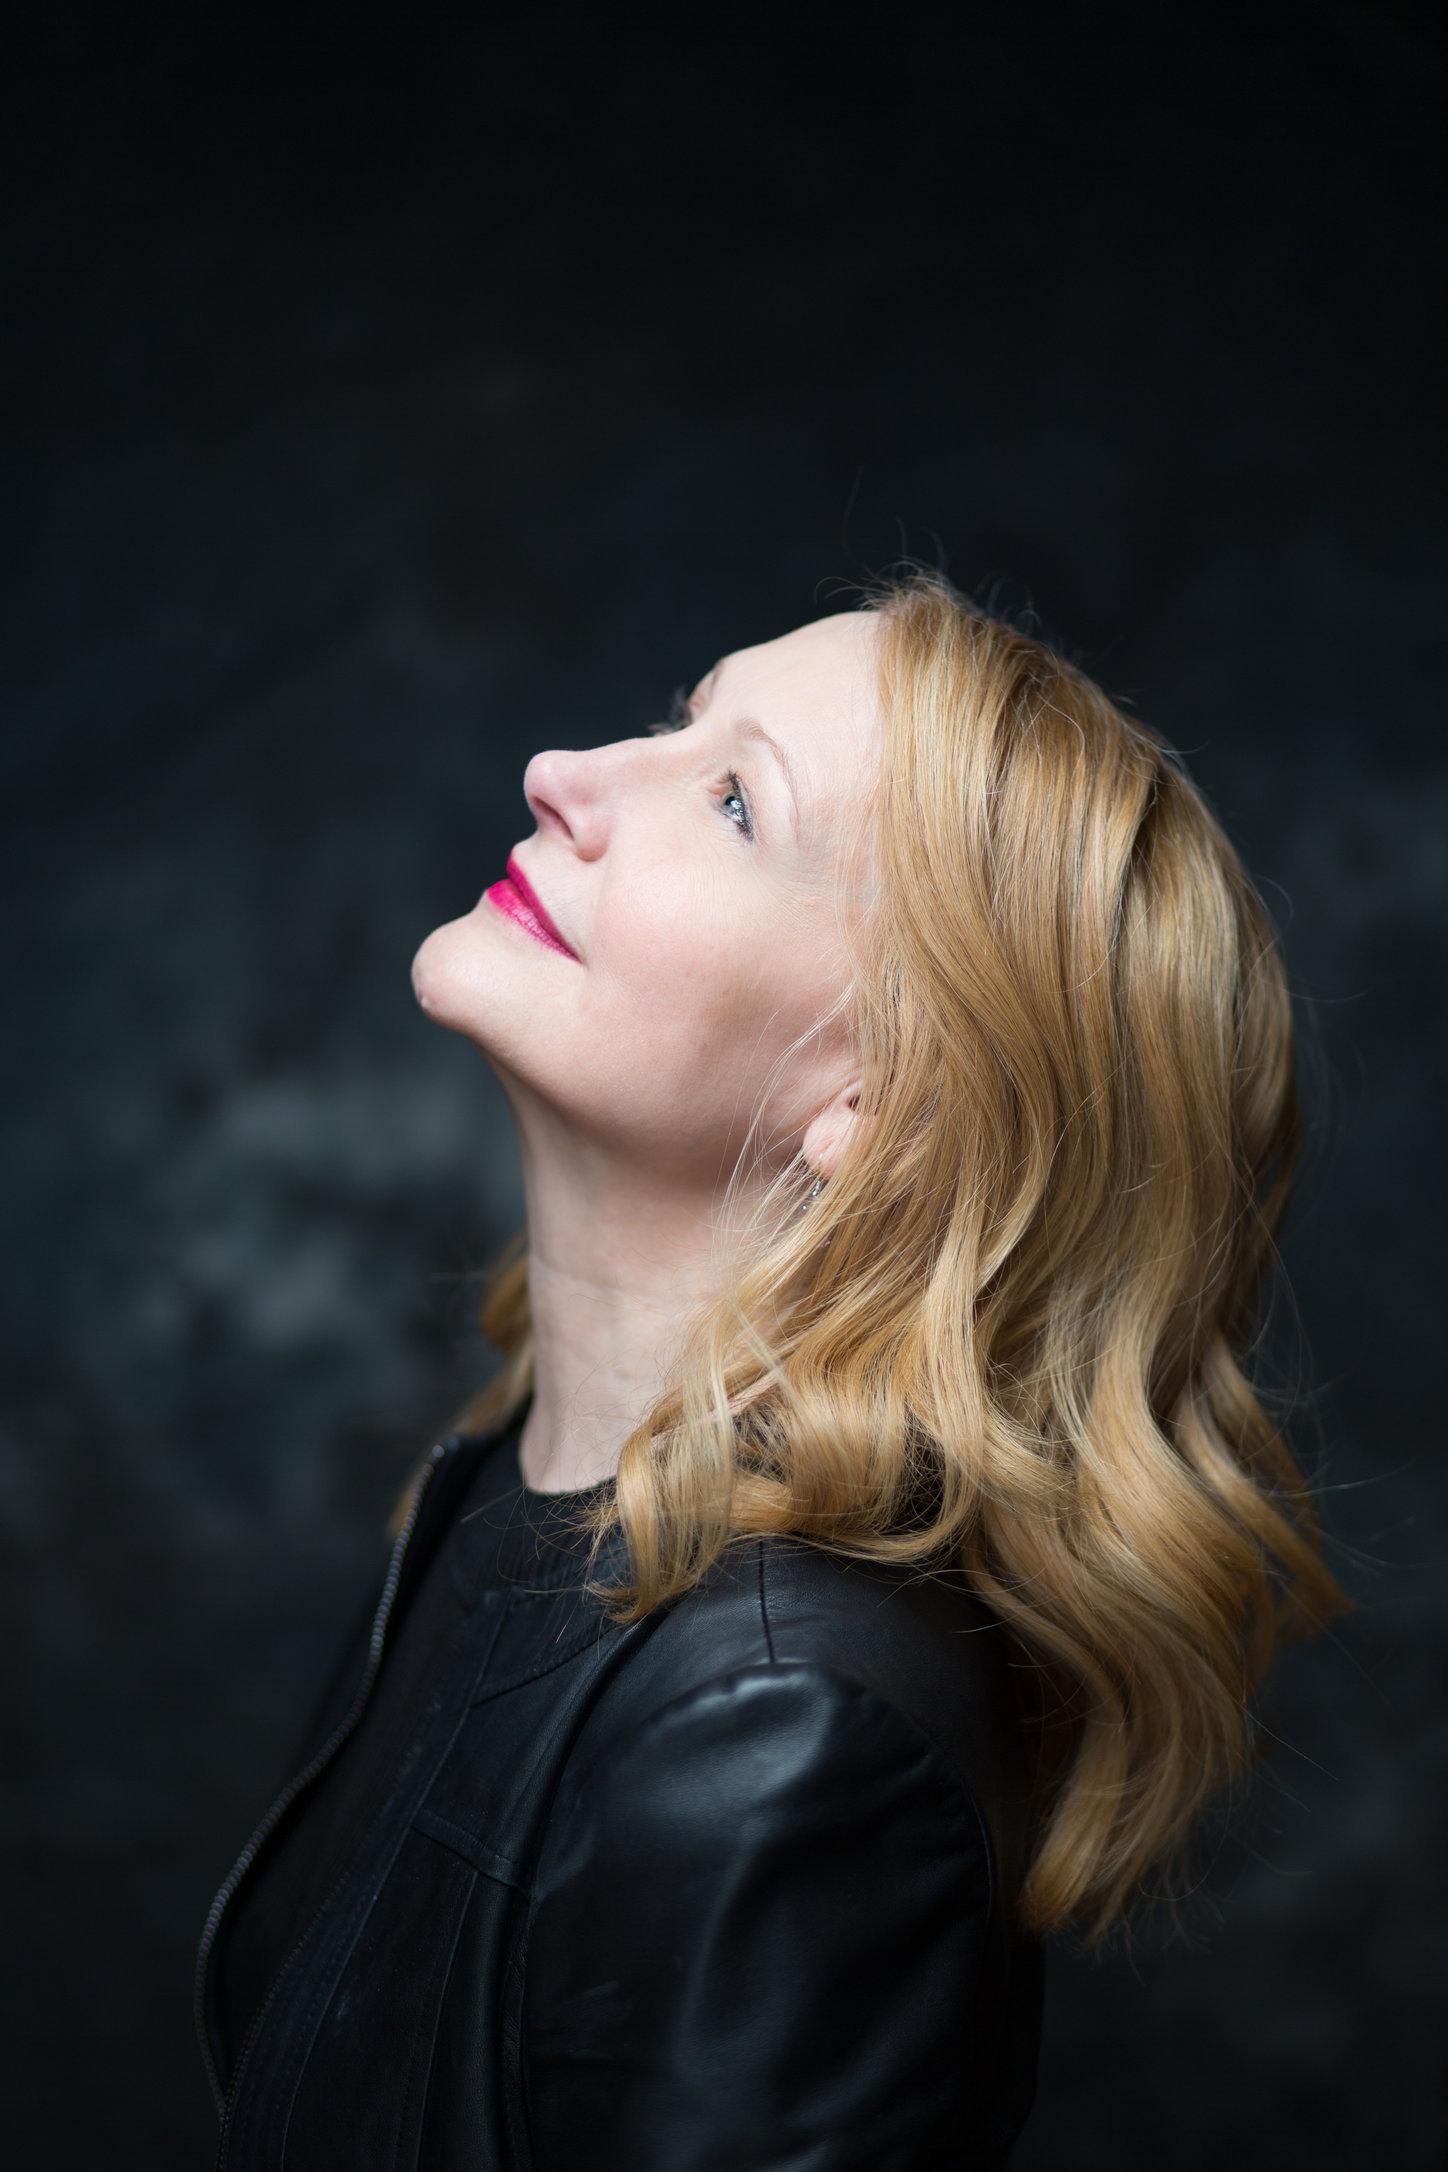 patricia clarkson, actress